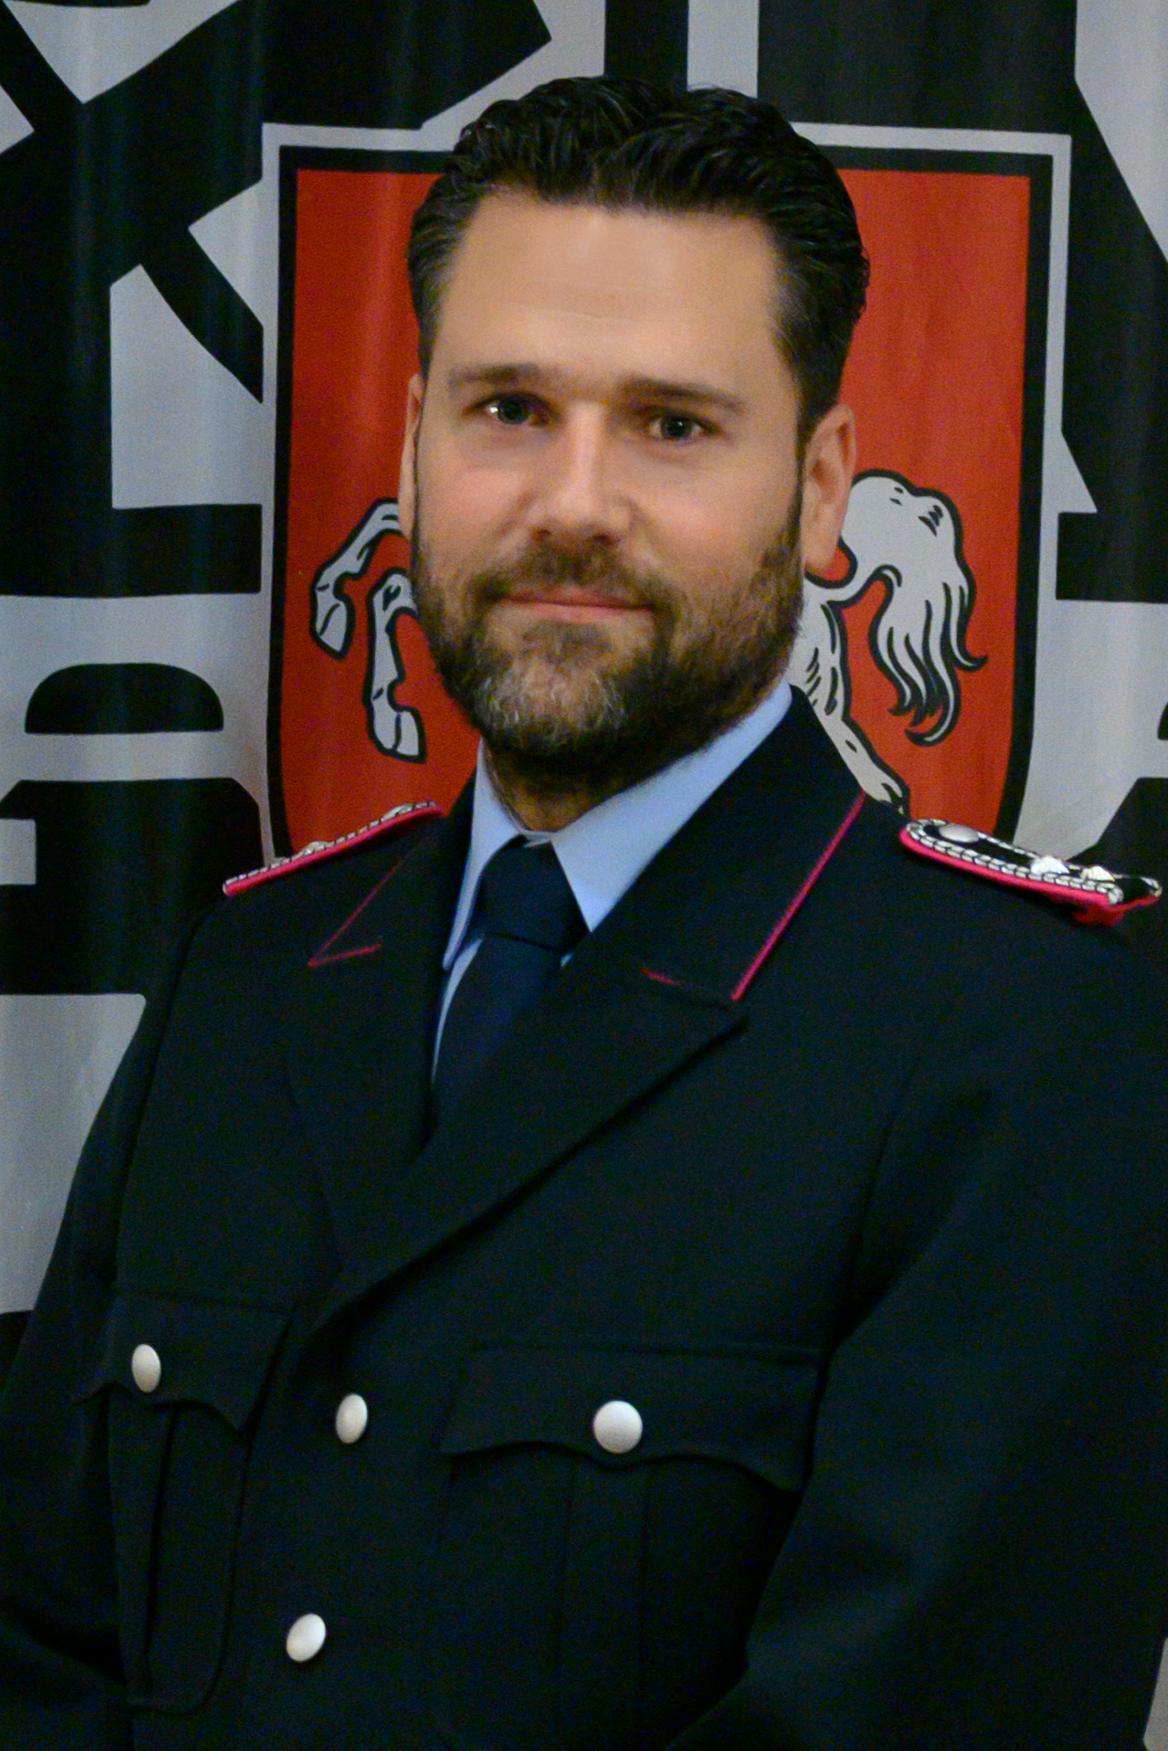 Michael Meinhart